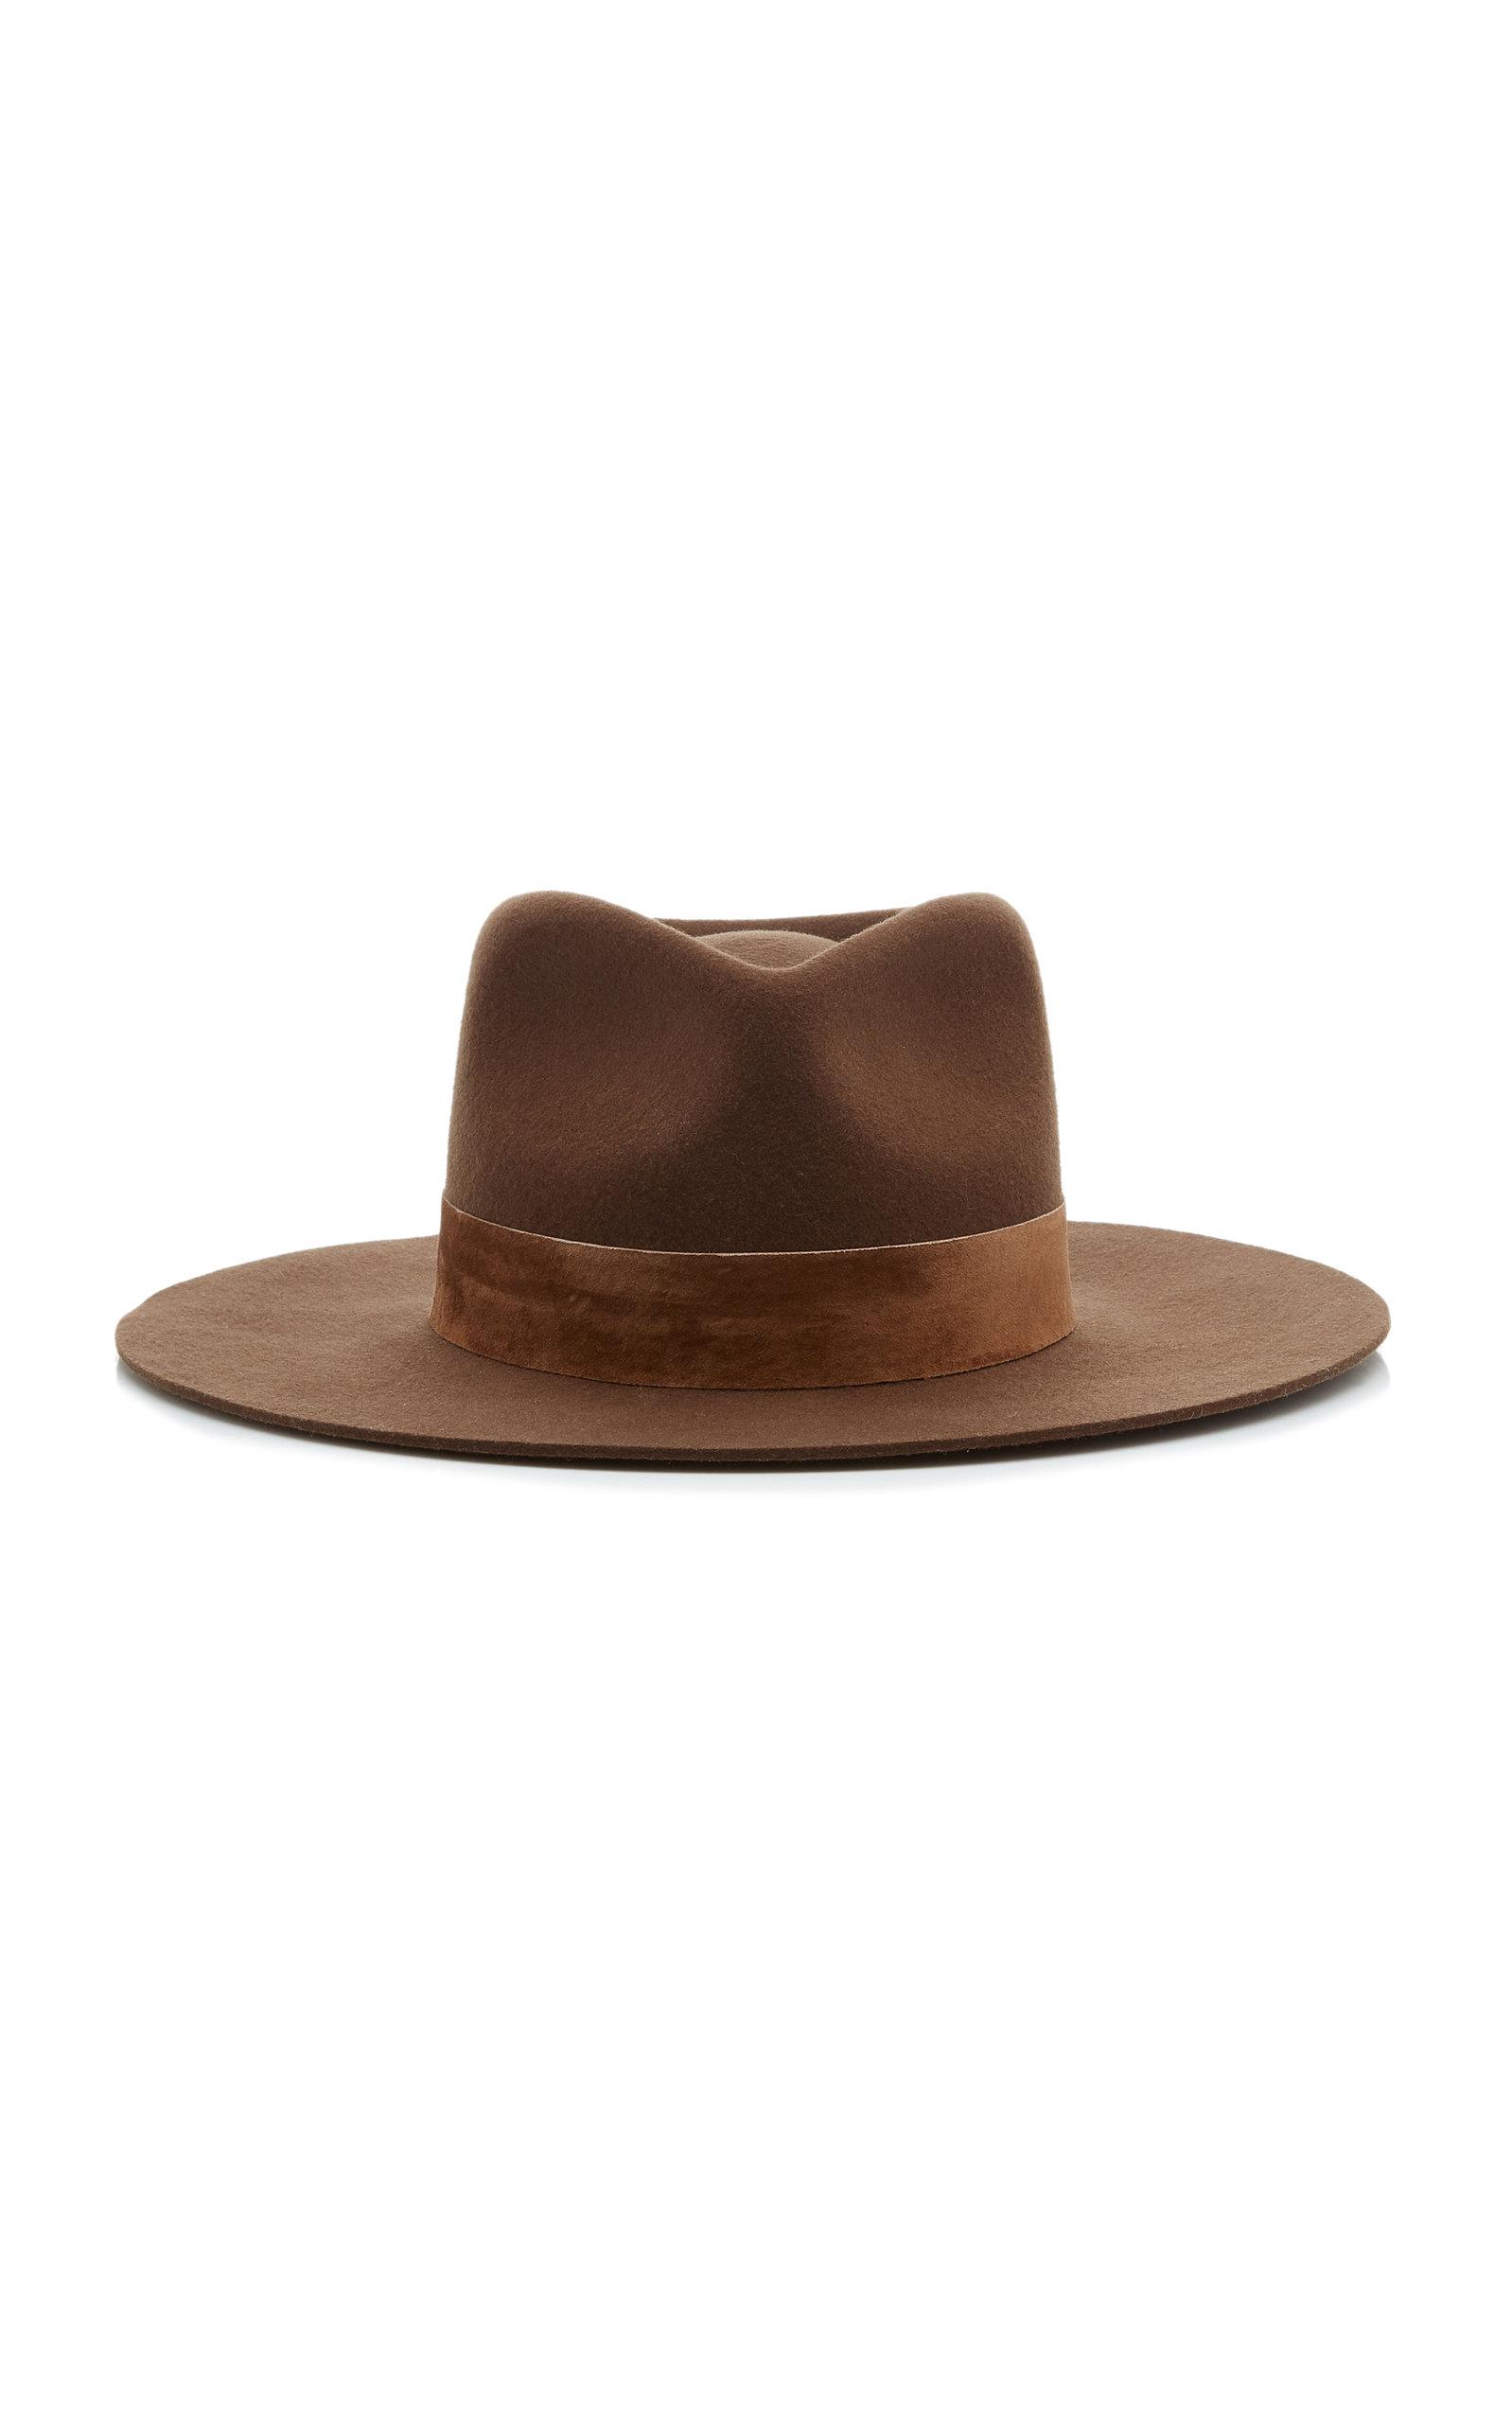 Women's The Mirage Wool Felt Hat